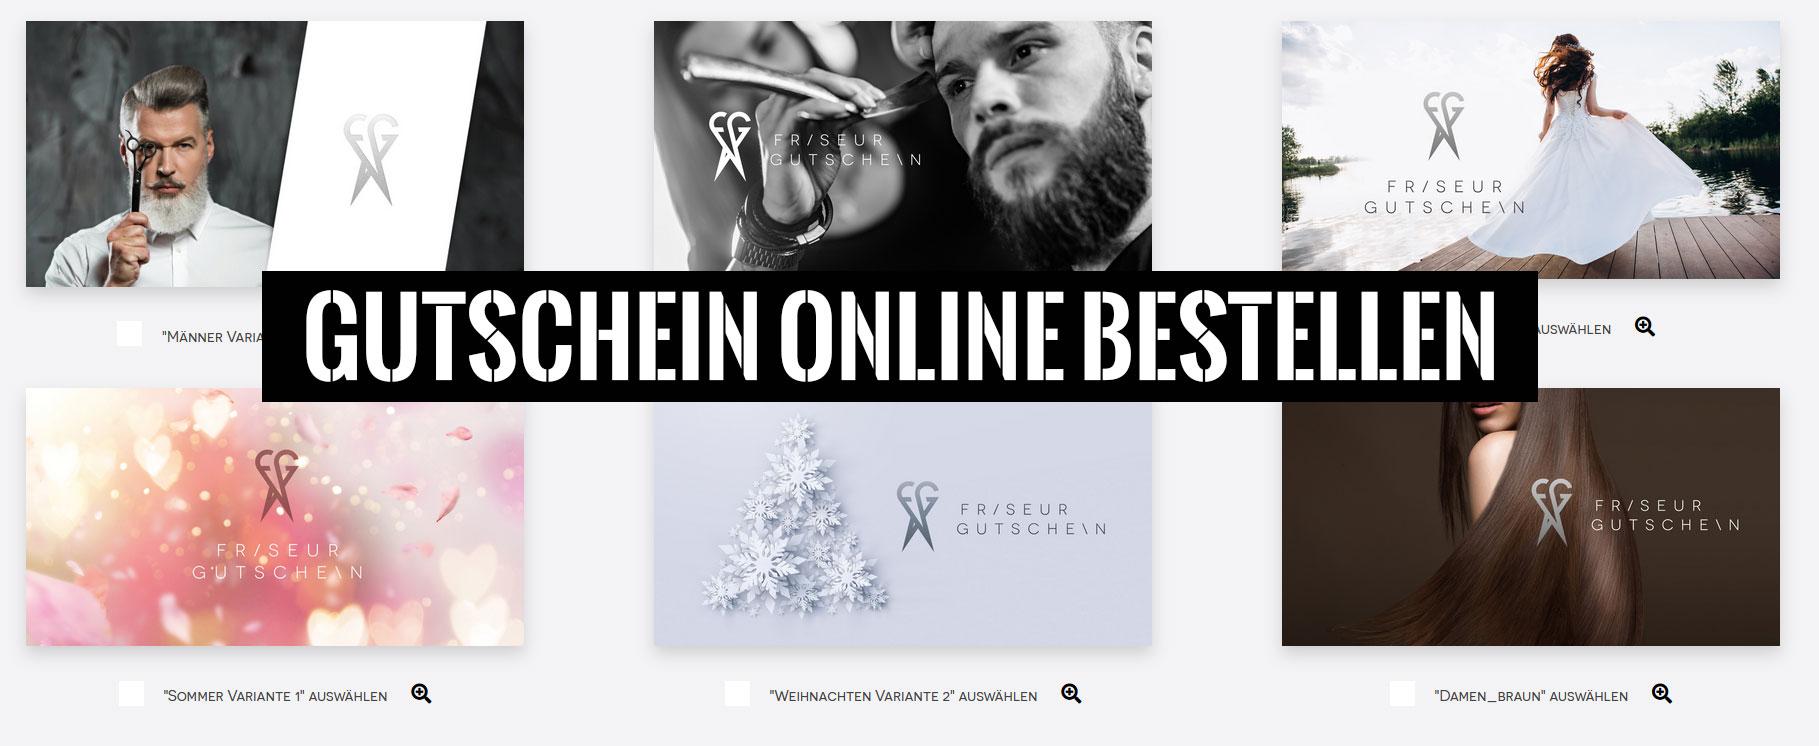 Gutschein online bestellen